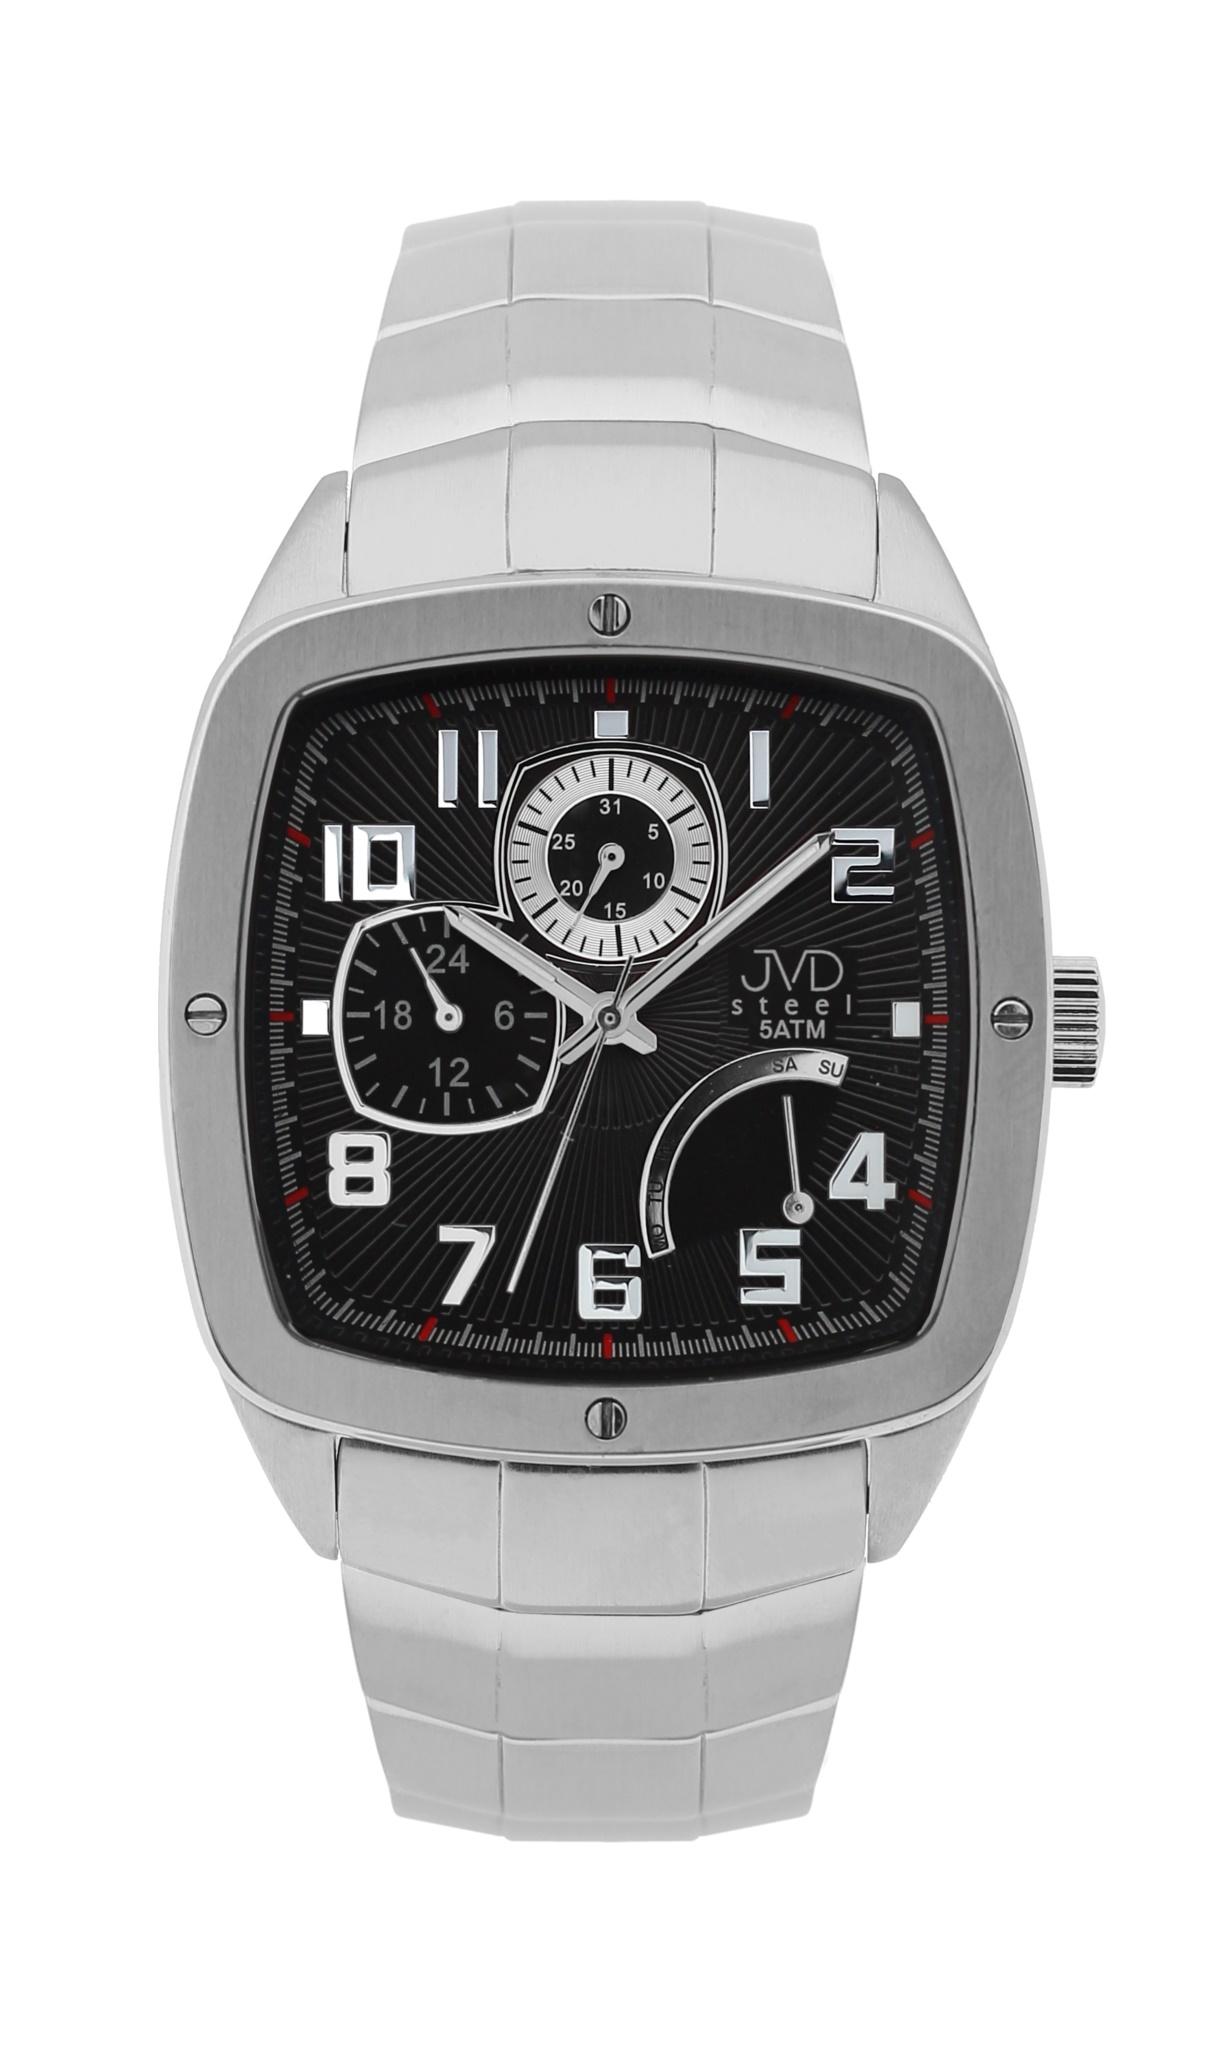 Pánské vodoodolené hranaté exkluzivní náramkové hodinky J1021.3 - 5ATM  (POŠTOVNÉ ZDARMA! 767f6d5e54